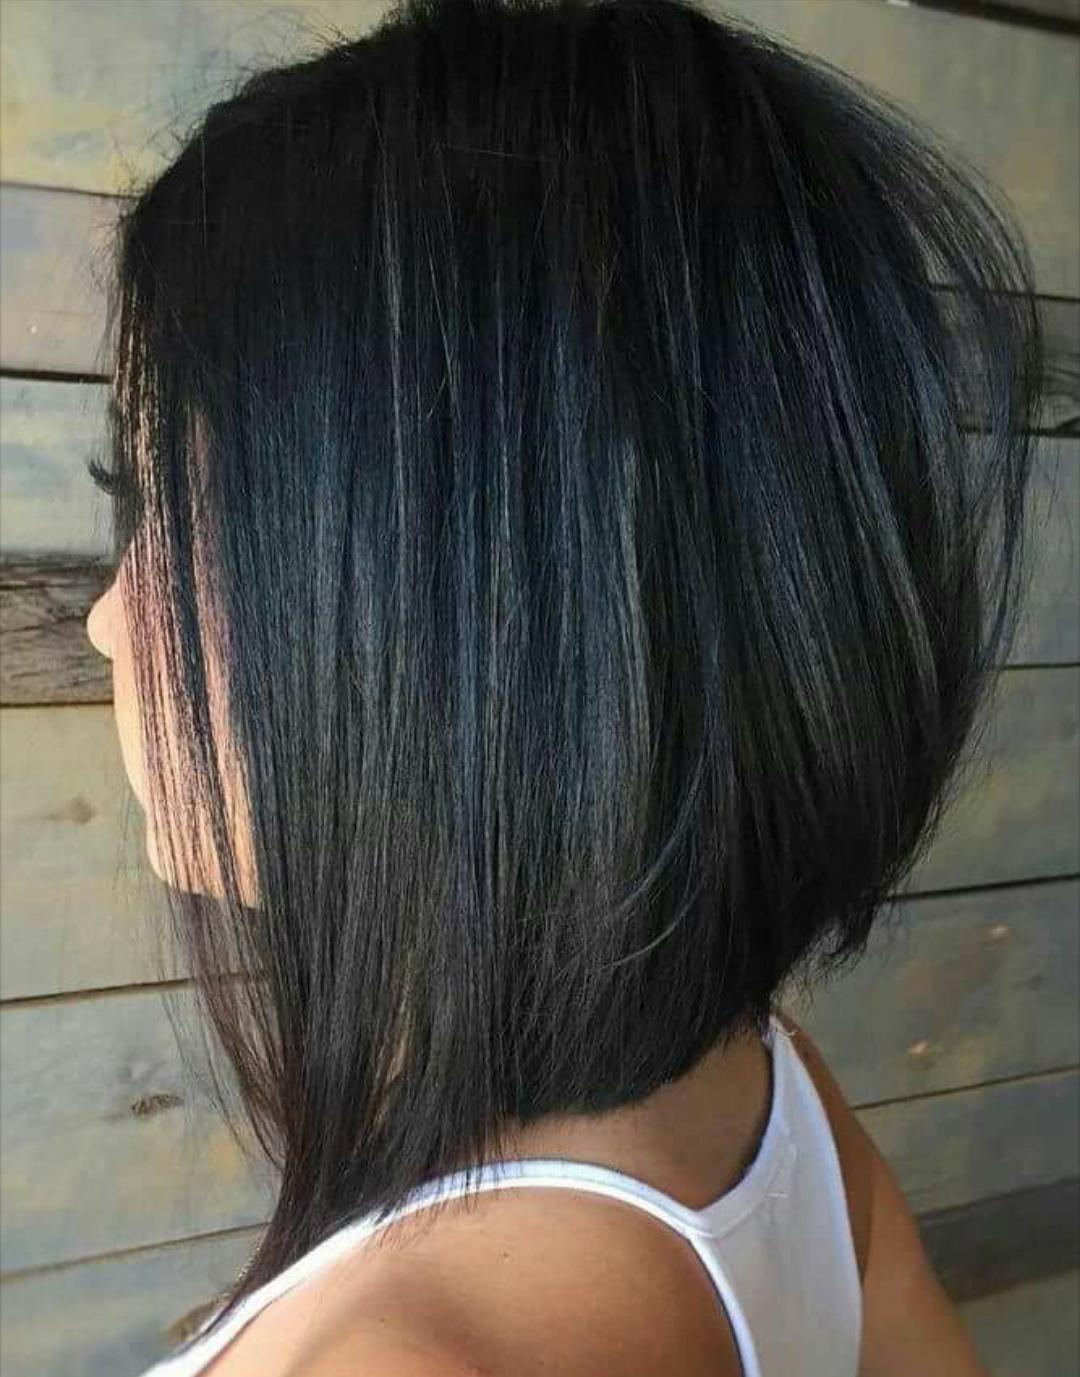 46f7c58eba2cd6fff4cadd5a7c72b030 Png 1080 1377 Medium Hair Styles Medium Length Hair Styles Long Bob Hairstyles